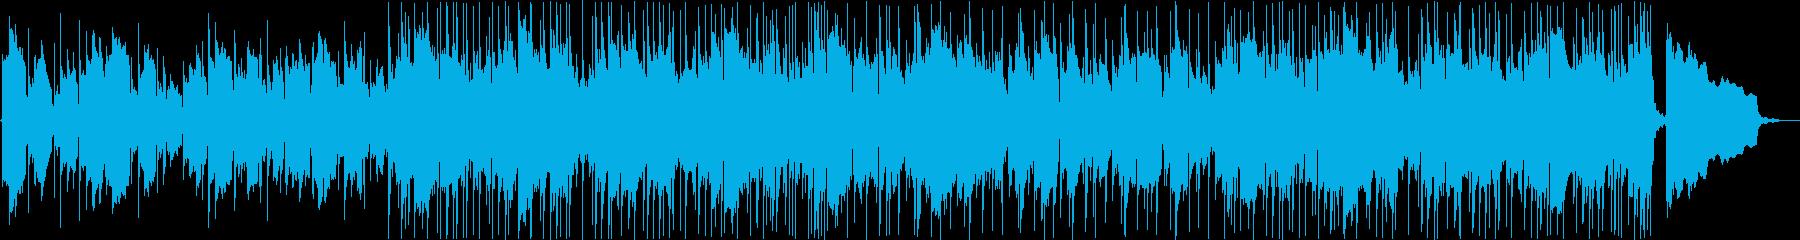 ギターを使った邦画トレーラー3の再生済みの波形